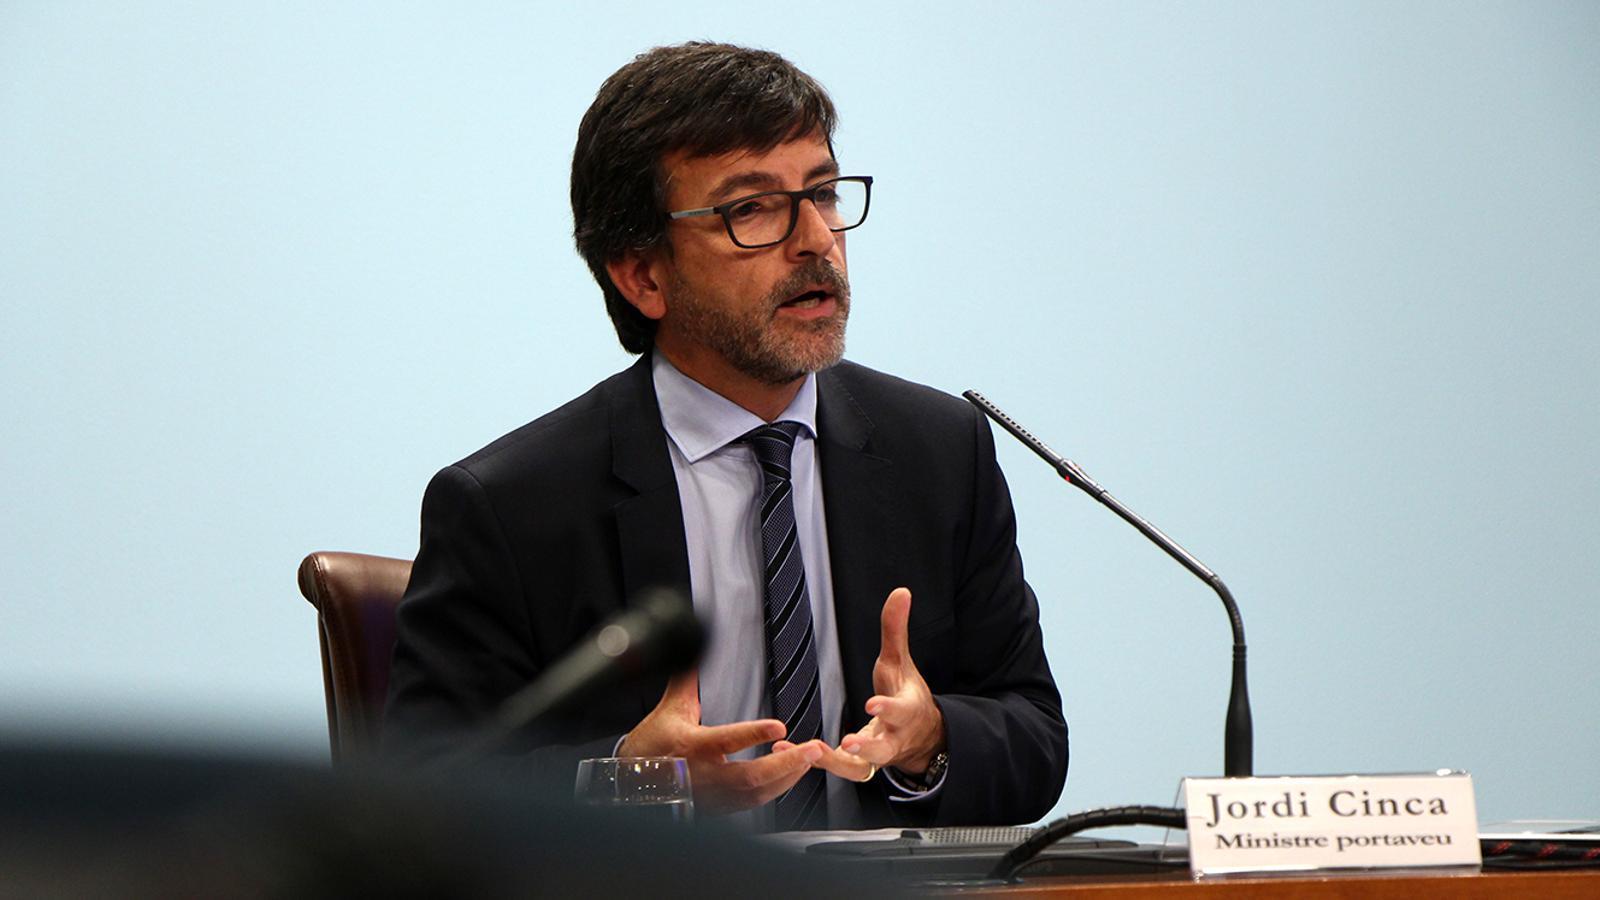 El ministre portaveu, Jordi Cinca, durant la roda de premsa d'aquest dimecres posterior al consell de ministres. / M. M. (ANA)